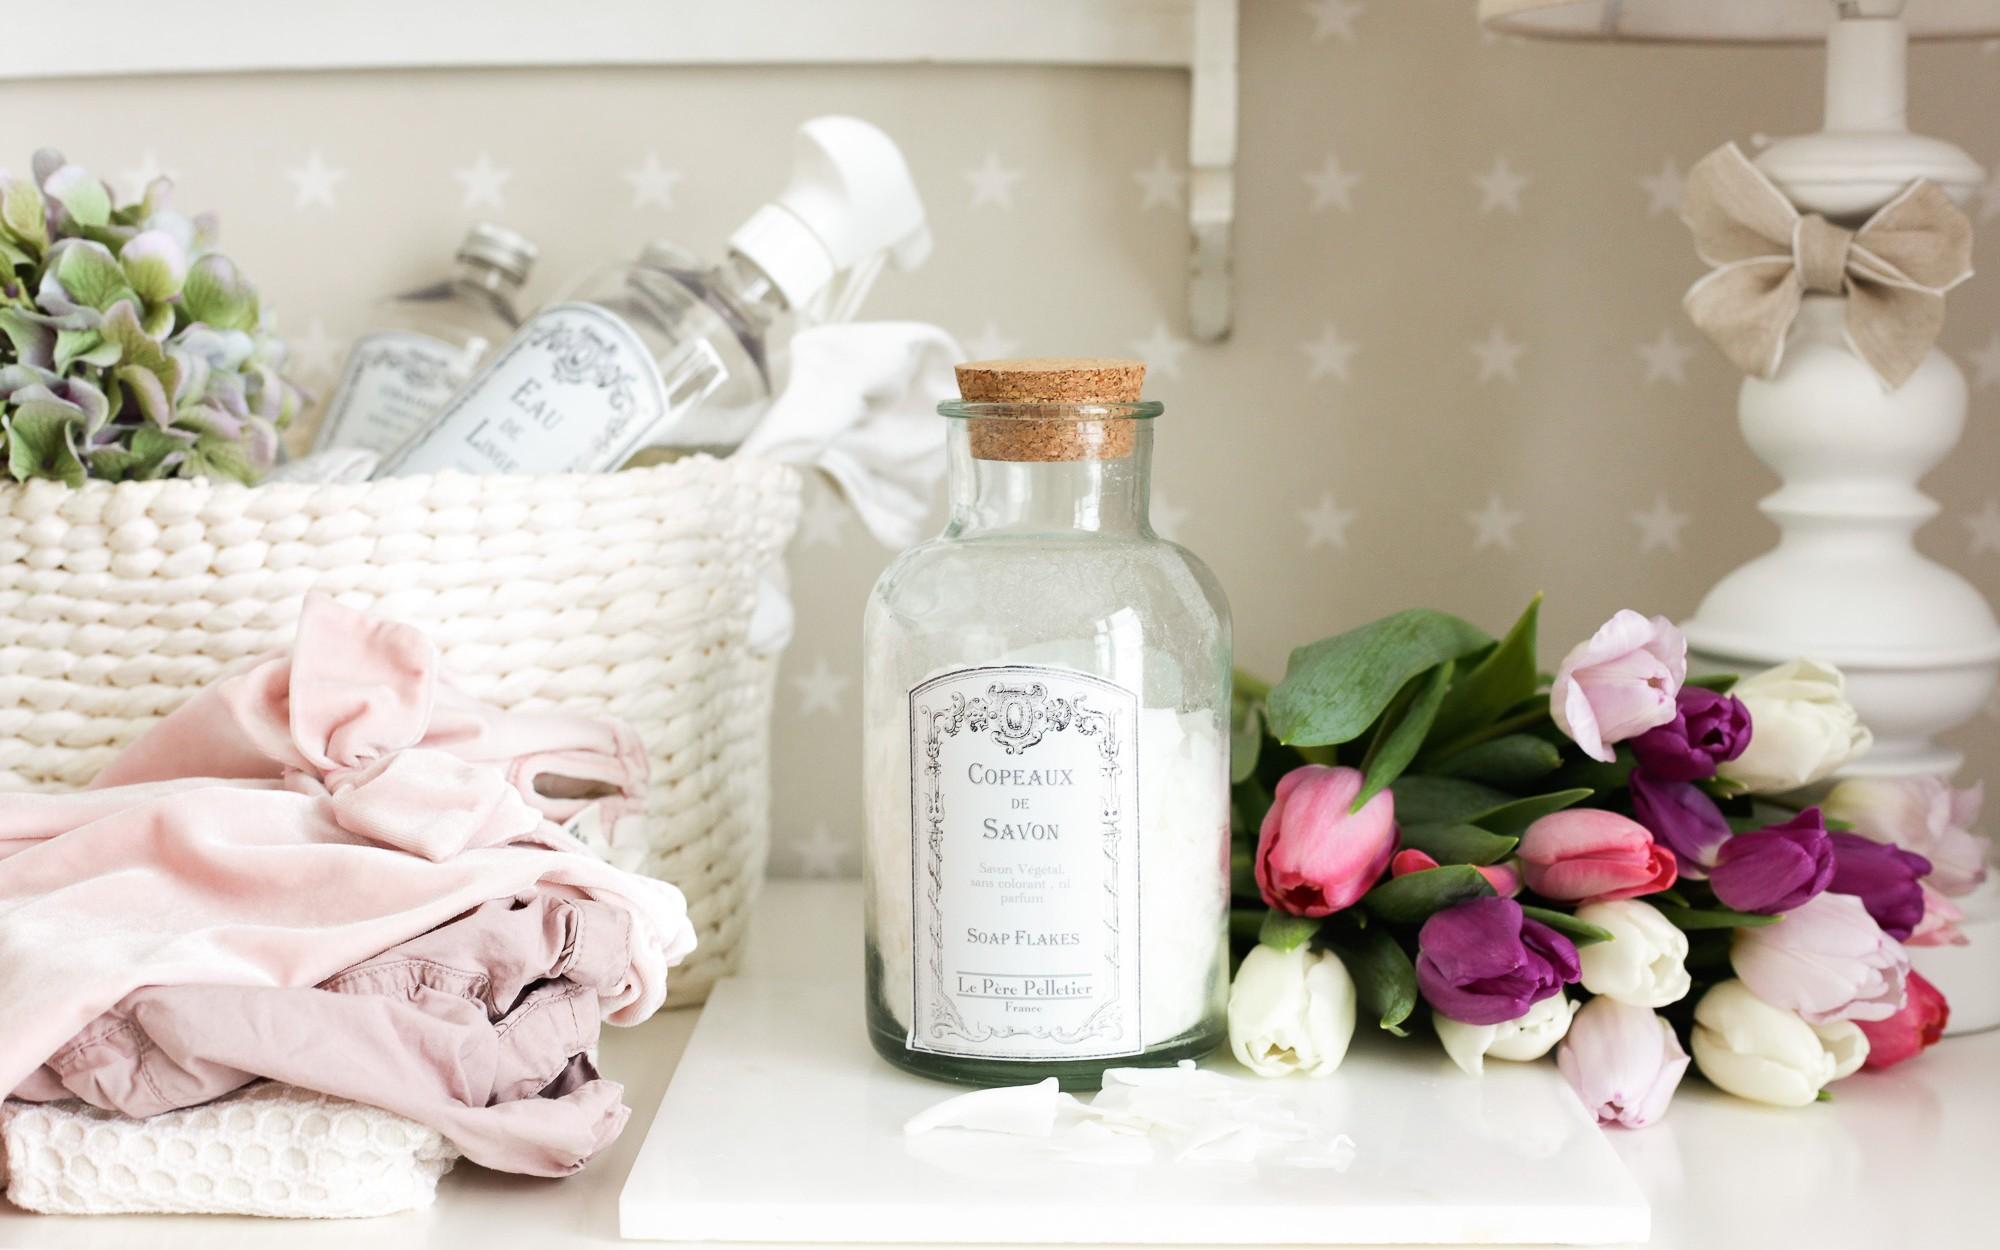 Bain moussant gel douche boutique Elie Pour Elle à Cosne sur Loire